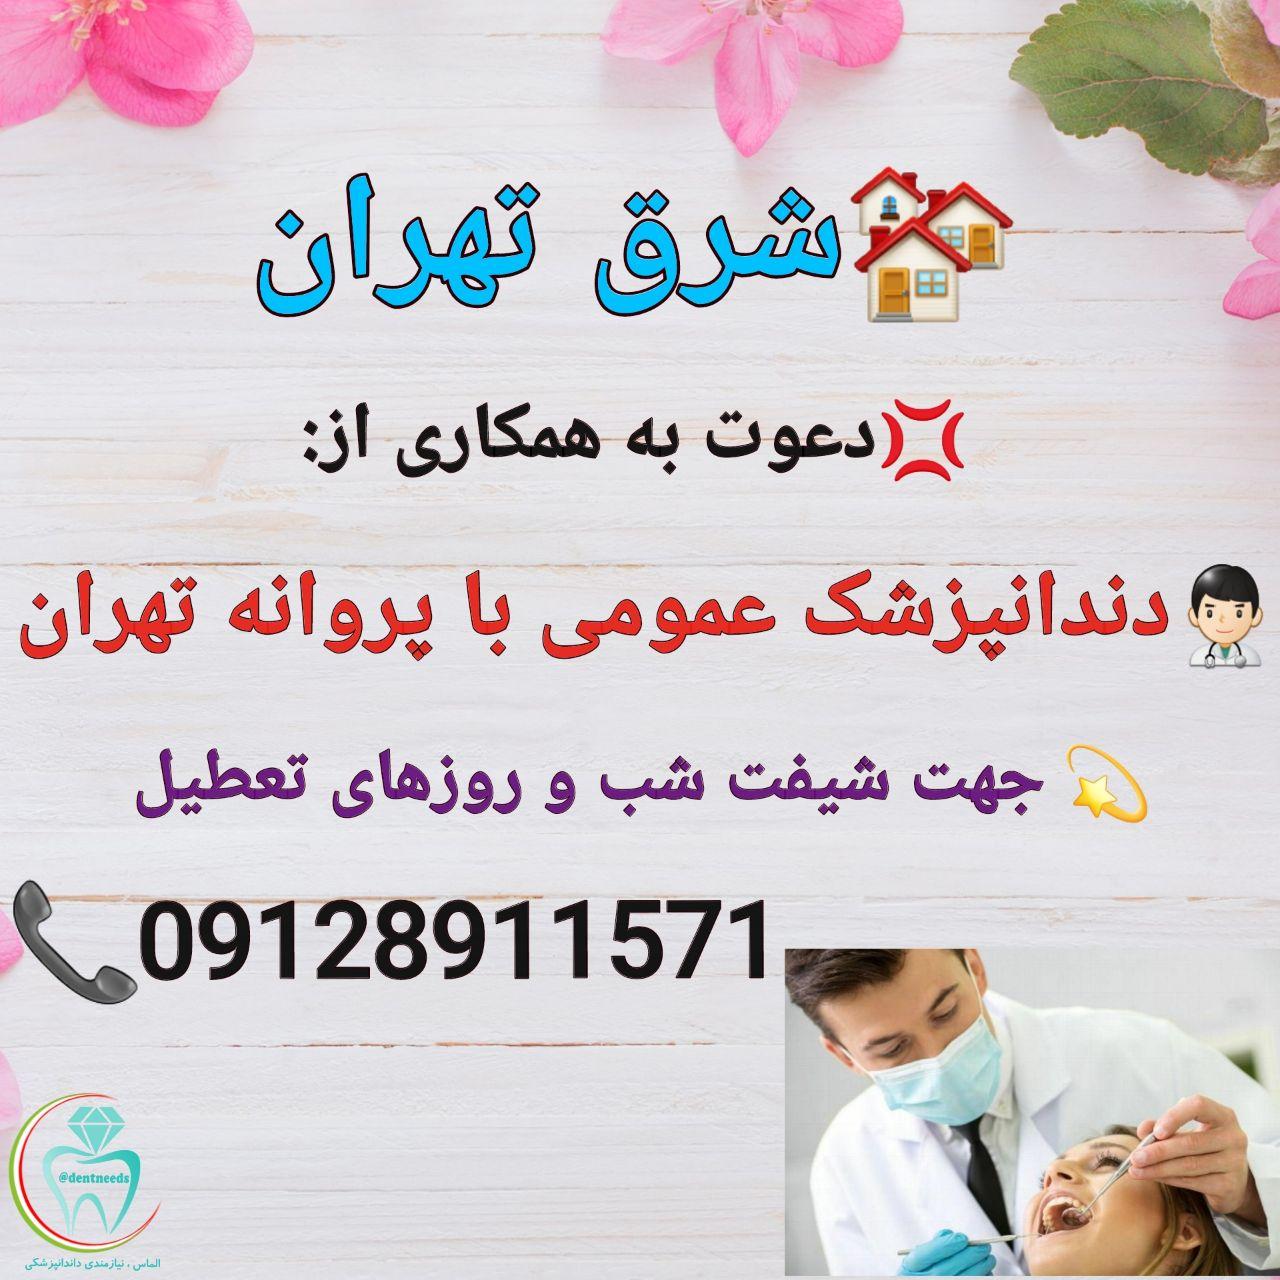 شرق تهران، دعوت به همکاری از دندانپزشک عمومی